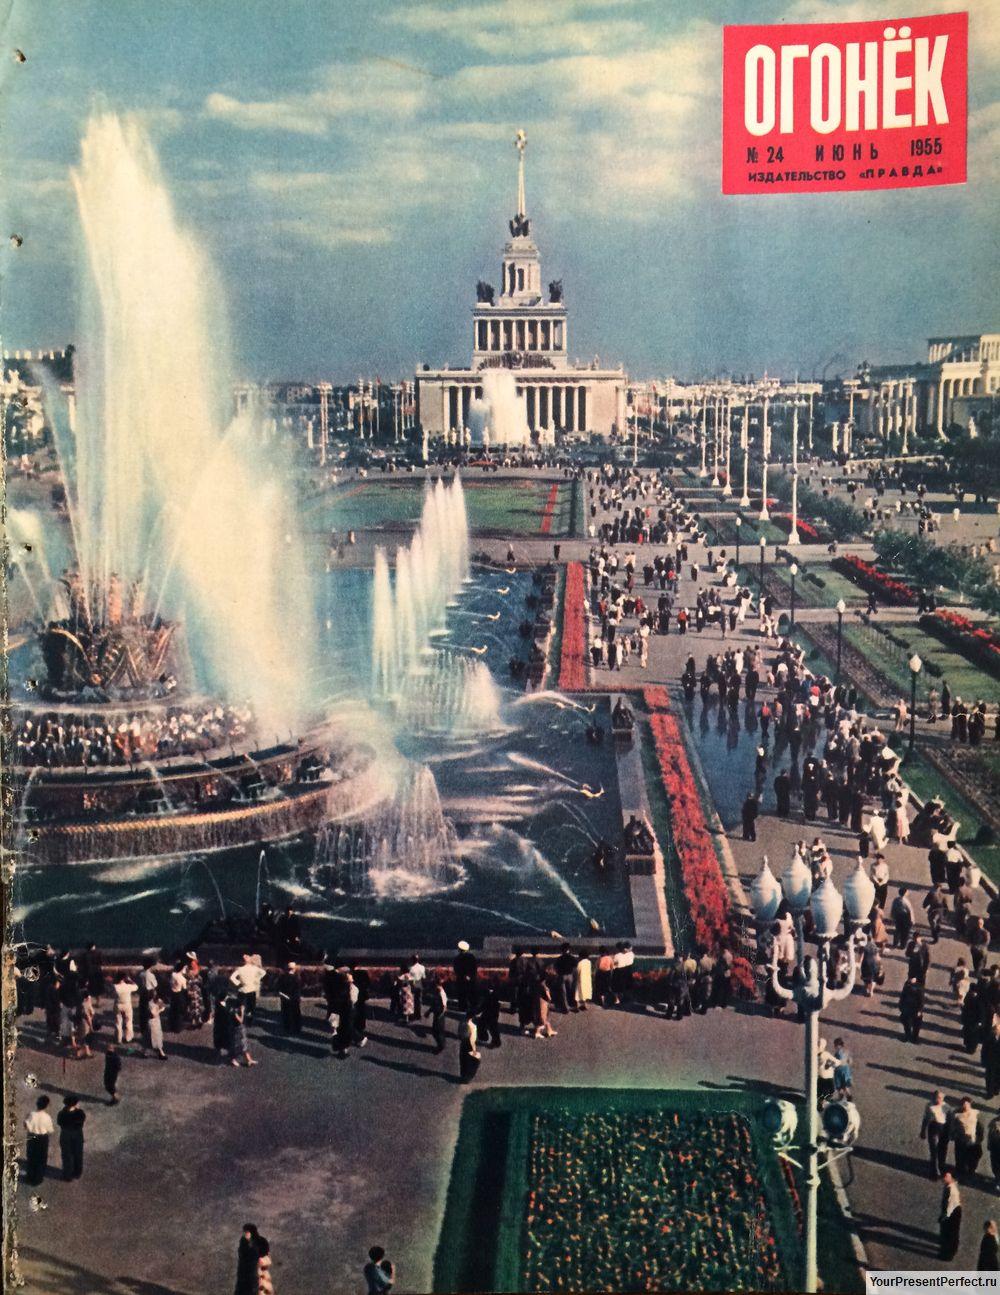 Ogonek 24JUN1955